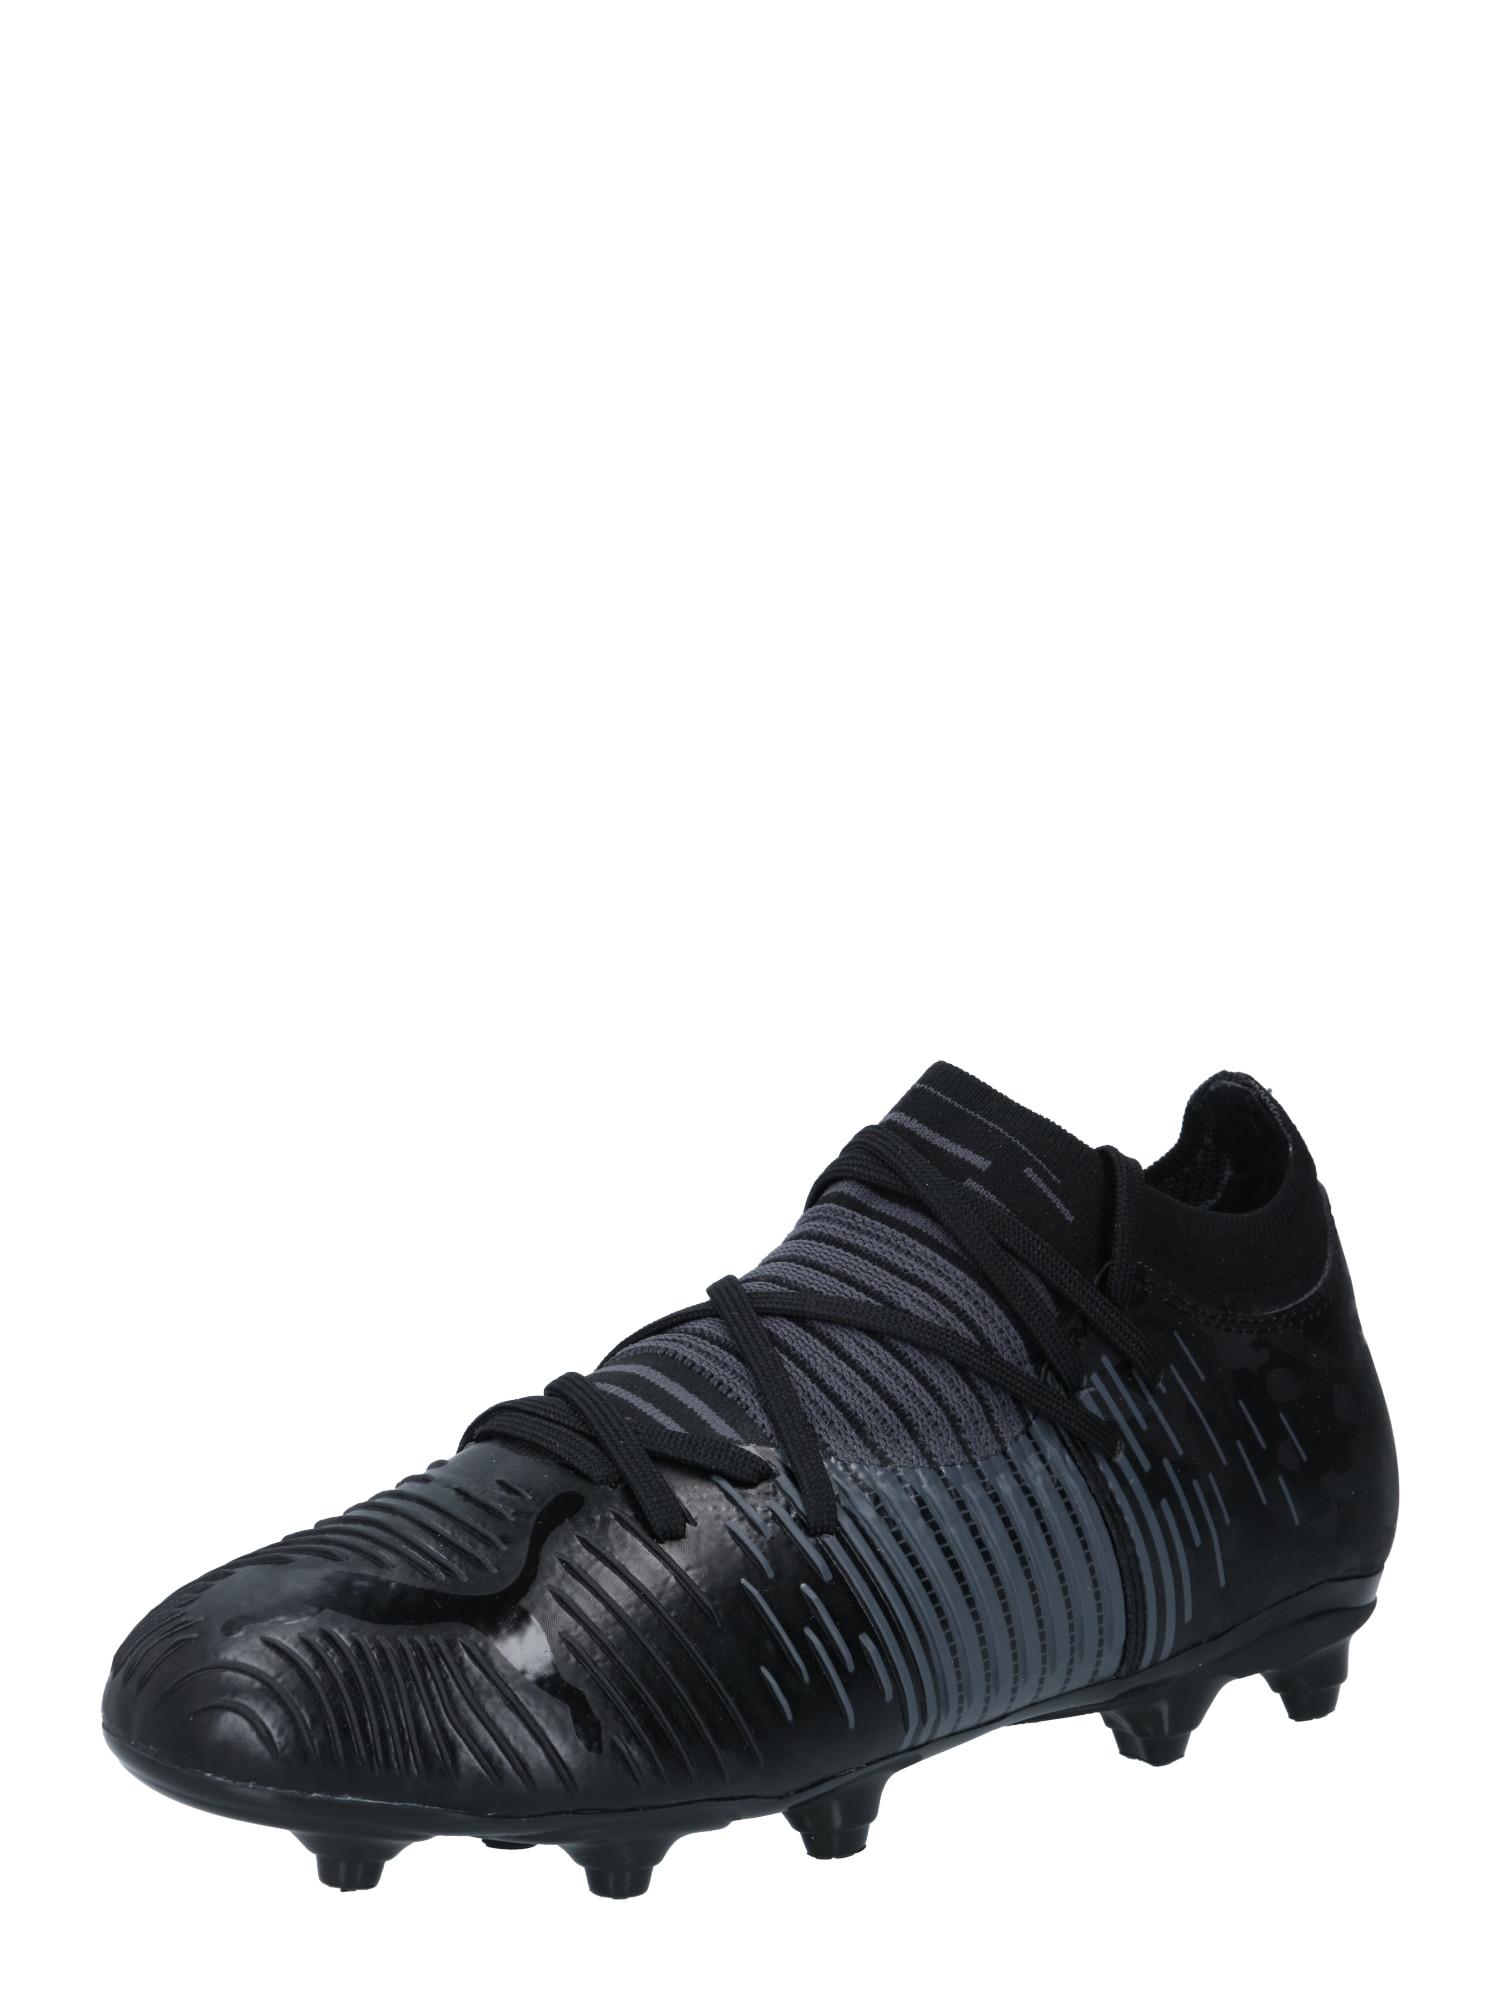 PUMA Sportiniai batai 'Future Z 3.1' juoda